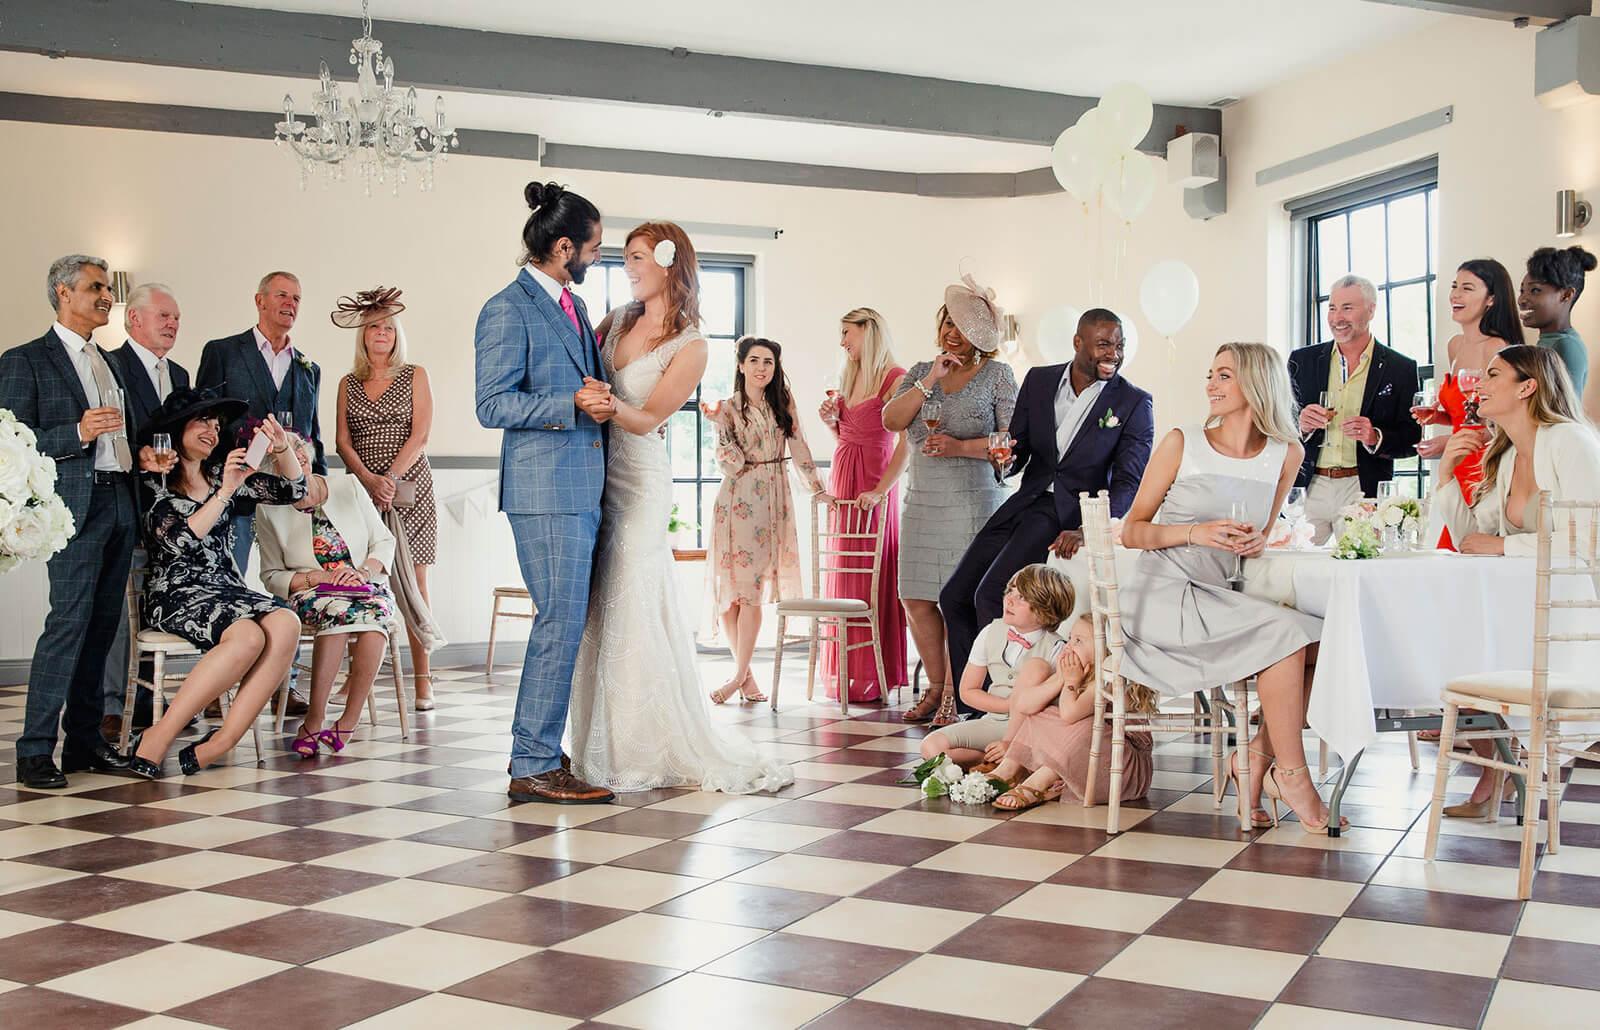 recien-casados-bailando.jpg